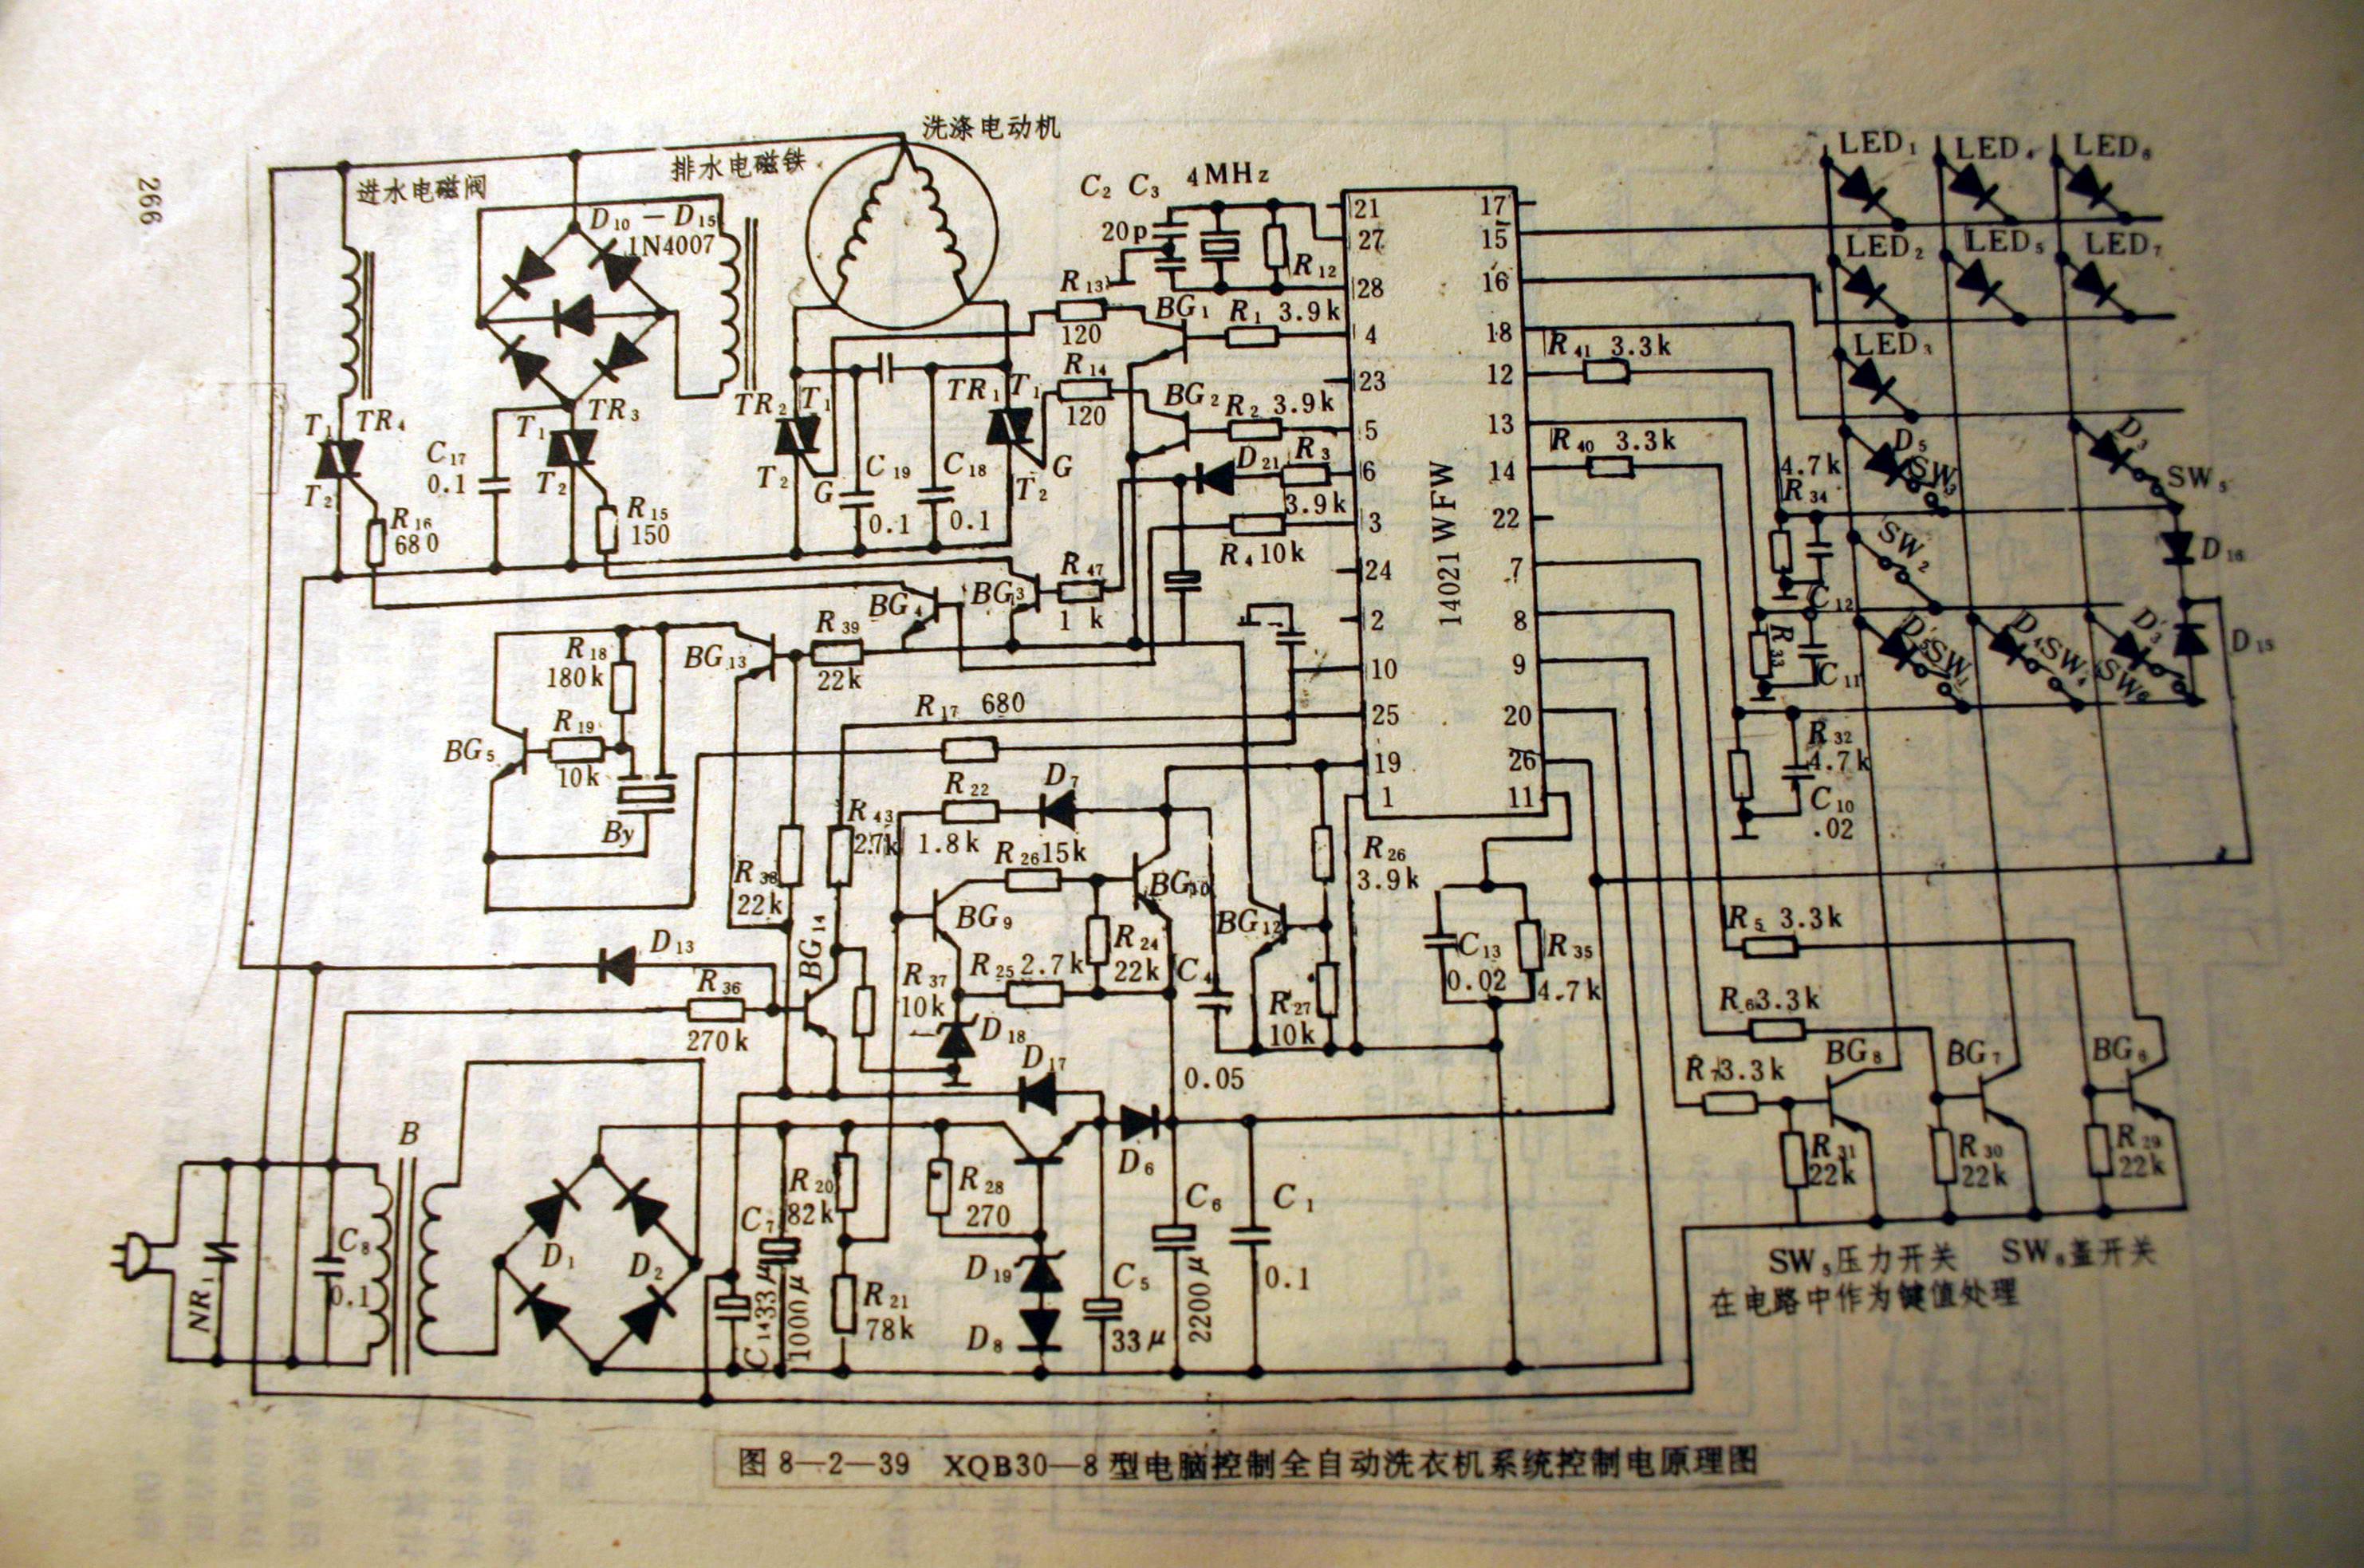 (771.95 KB)  --------------------------------- 请问斑竹,您是否有小天鹅滚桶洗衣机XQG50-812电路图? 我是在2000年买的,一直没怎用,近来就出现了一些毛病,想自己尝试修理一下。 这机的主要故障是进水不能停止,请问如何解决? --------------------------------- 我没有小天鹅滚桶洗衣机XQG50-812电路图,进水不能停止故障,检查进水伐的可控硅。 --------------------------------- 进水不